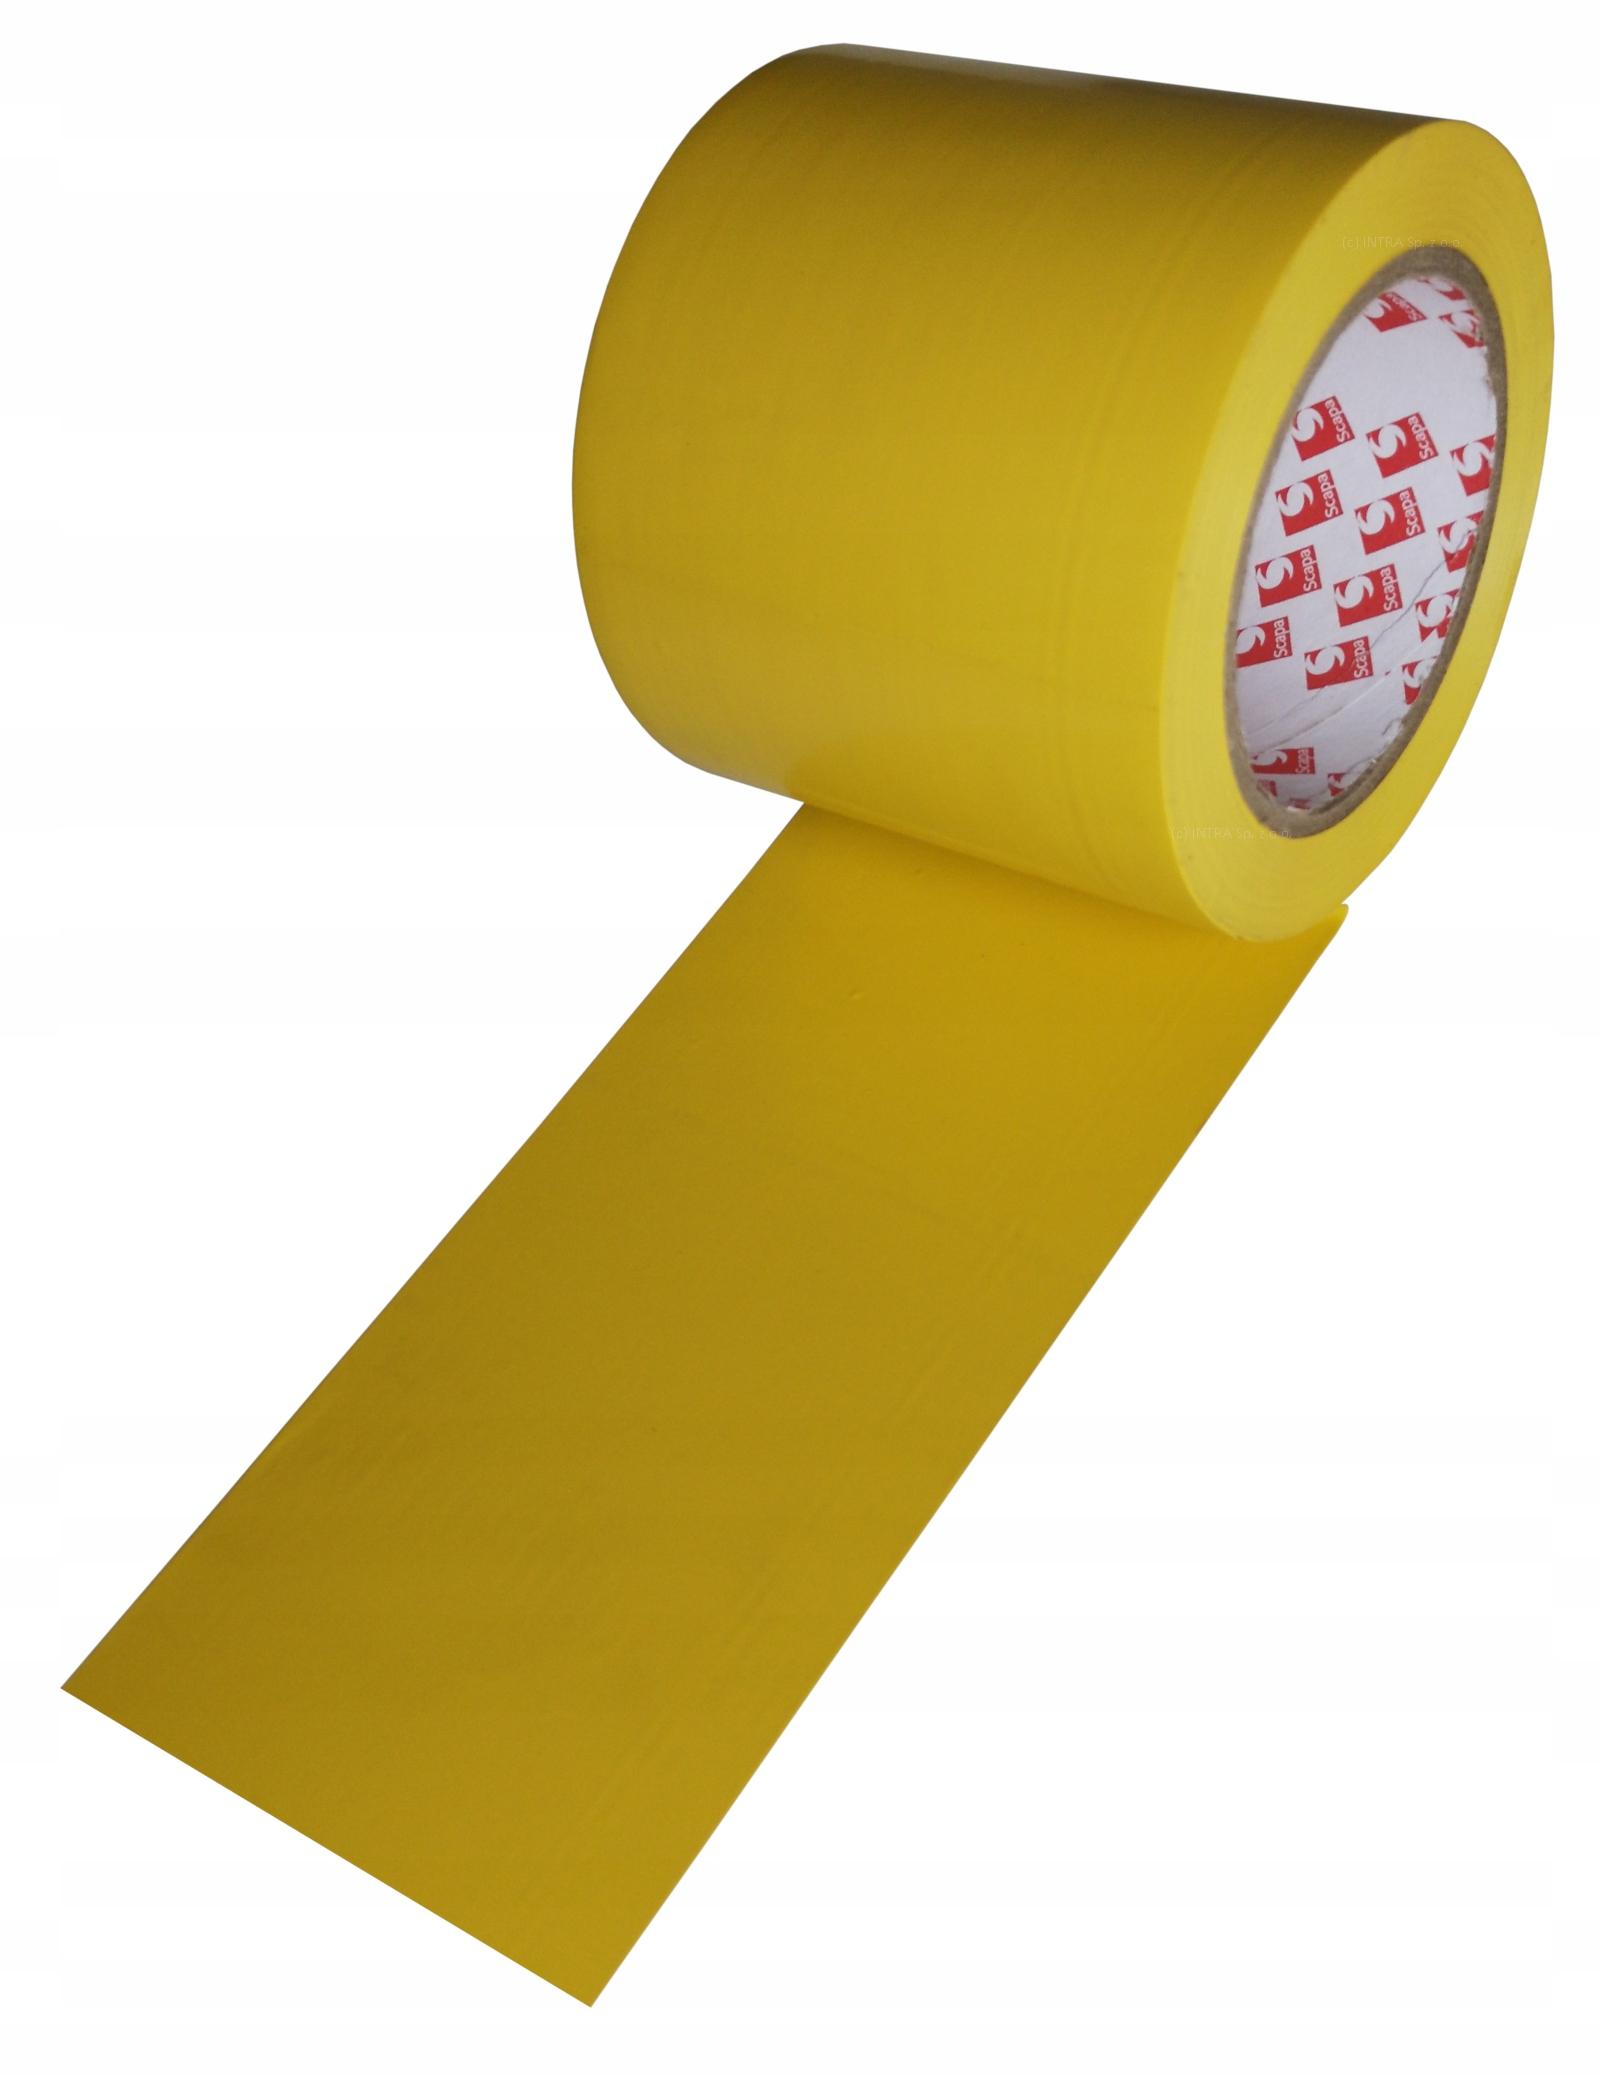 Лента маркировочная Scapa type 2721 100мм / 33м желтая